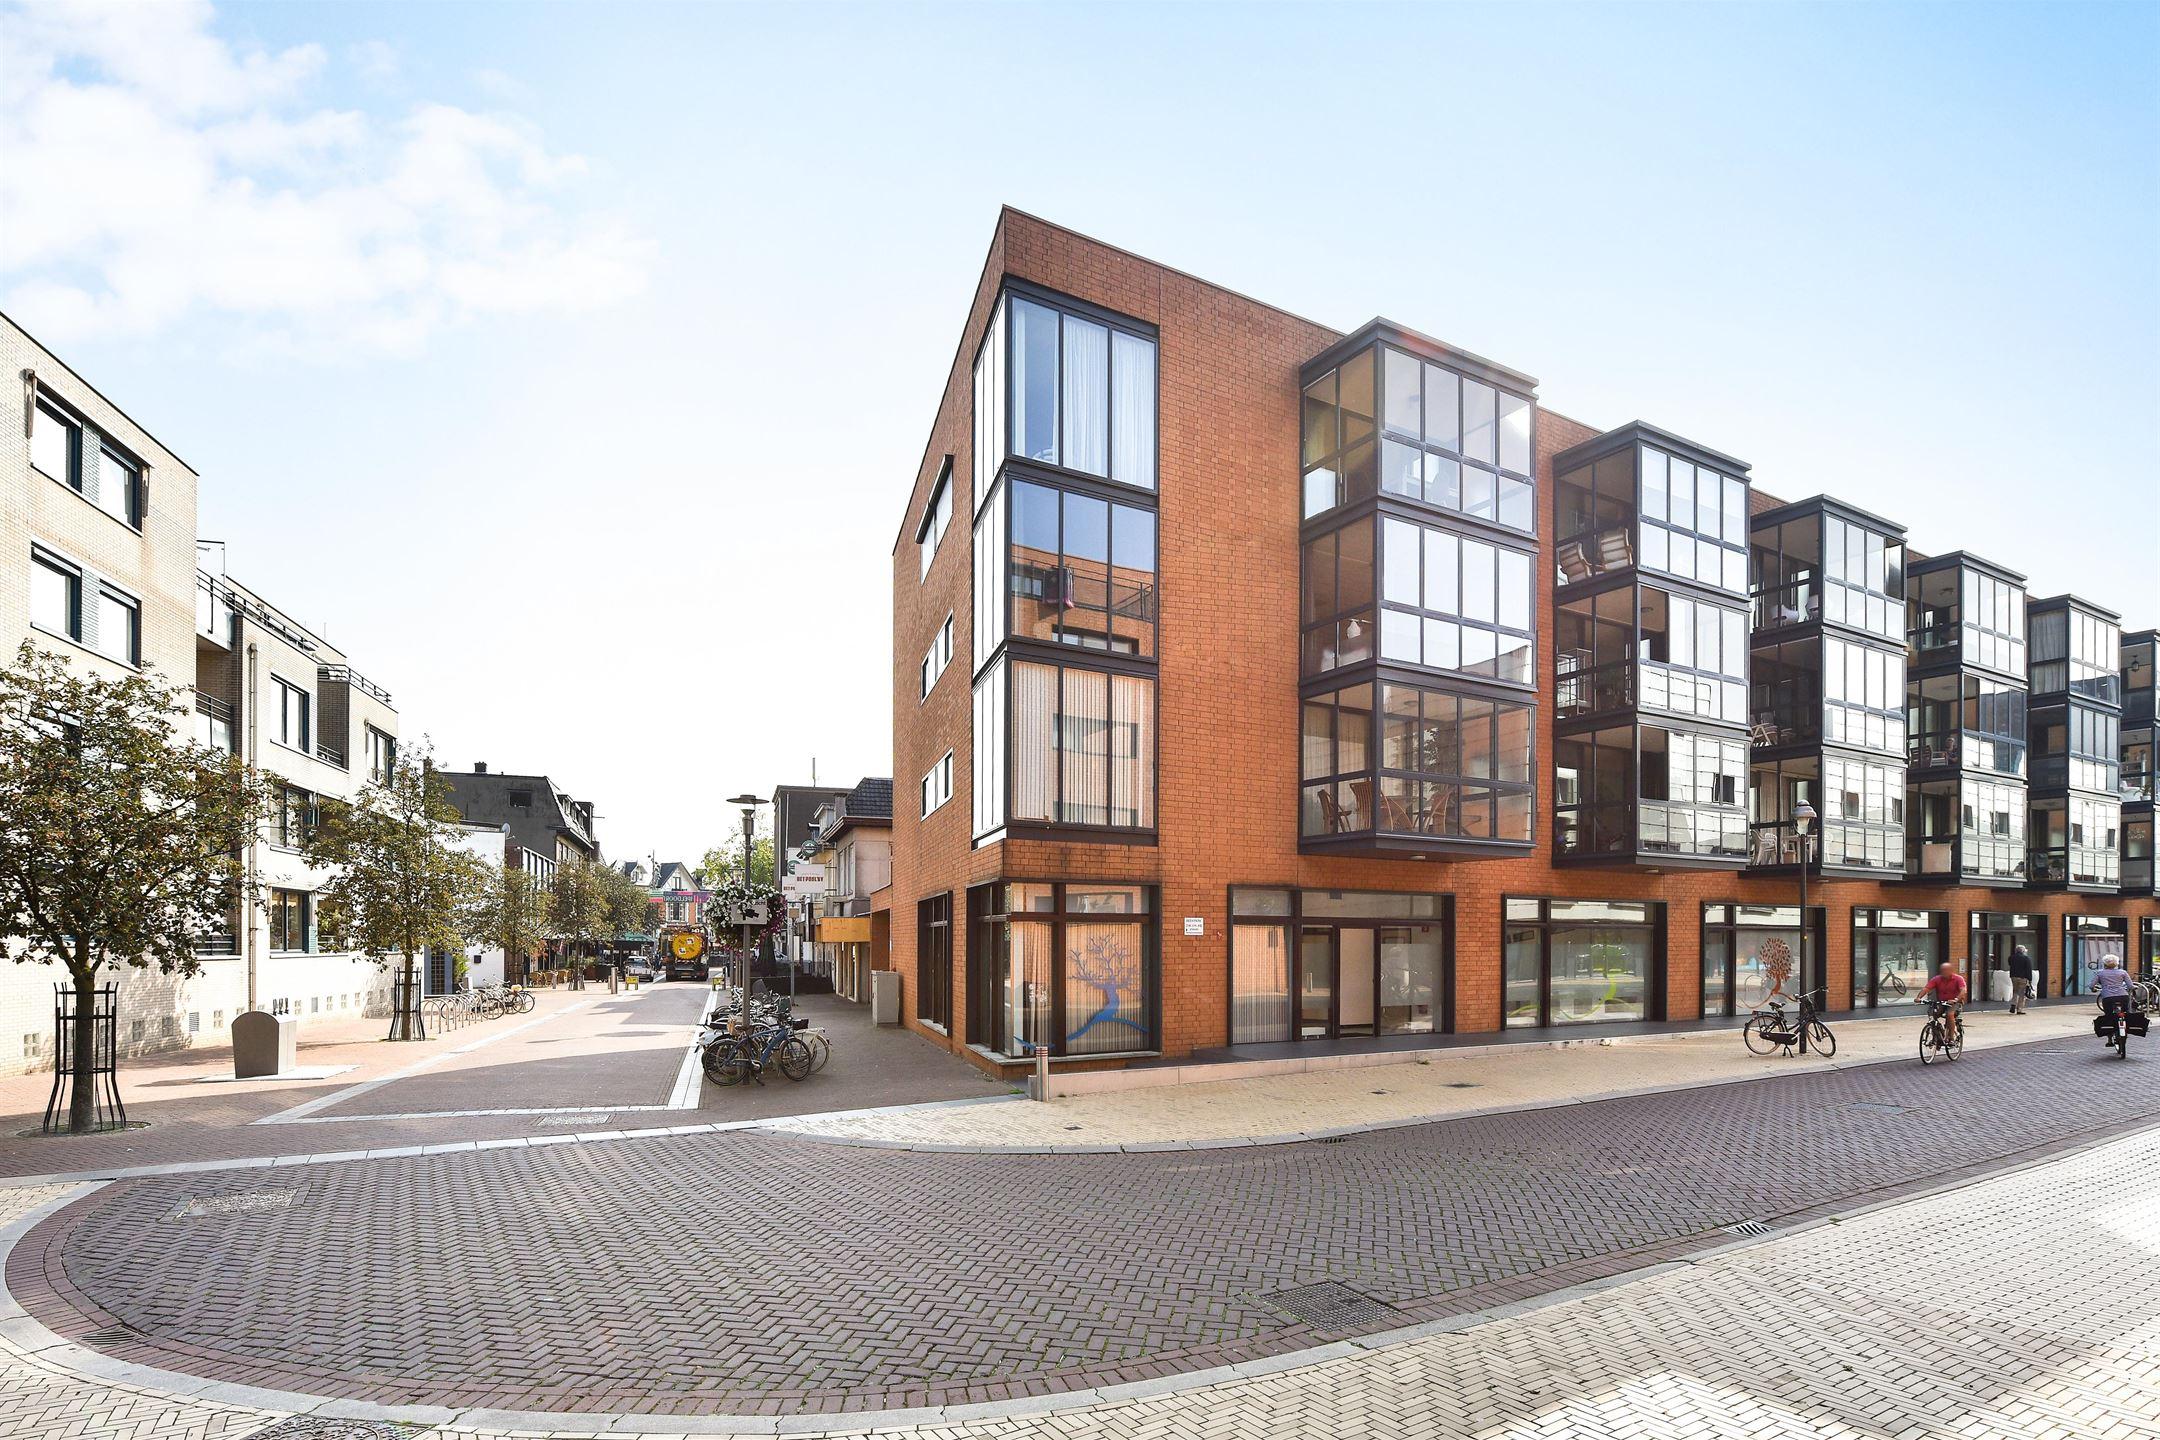 Appartement te koop: Beekpark 41 A 7311 BZ Apeldoorn [funda]